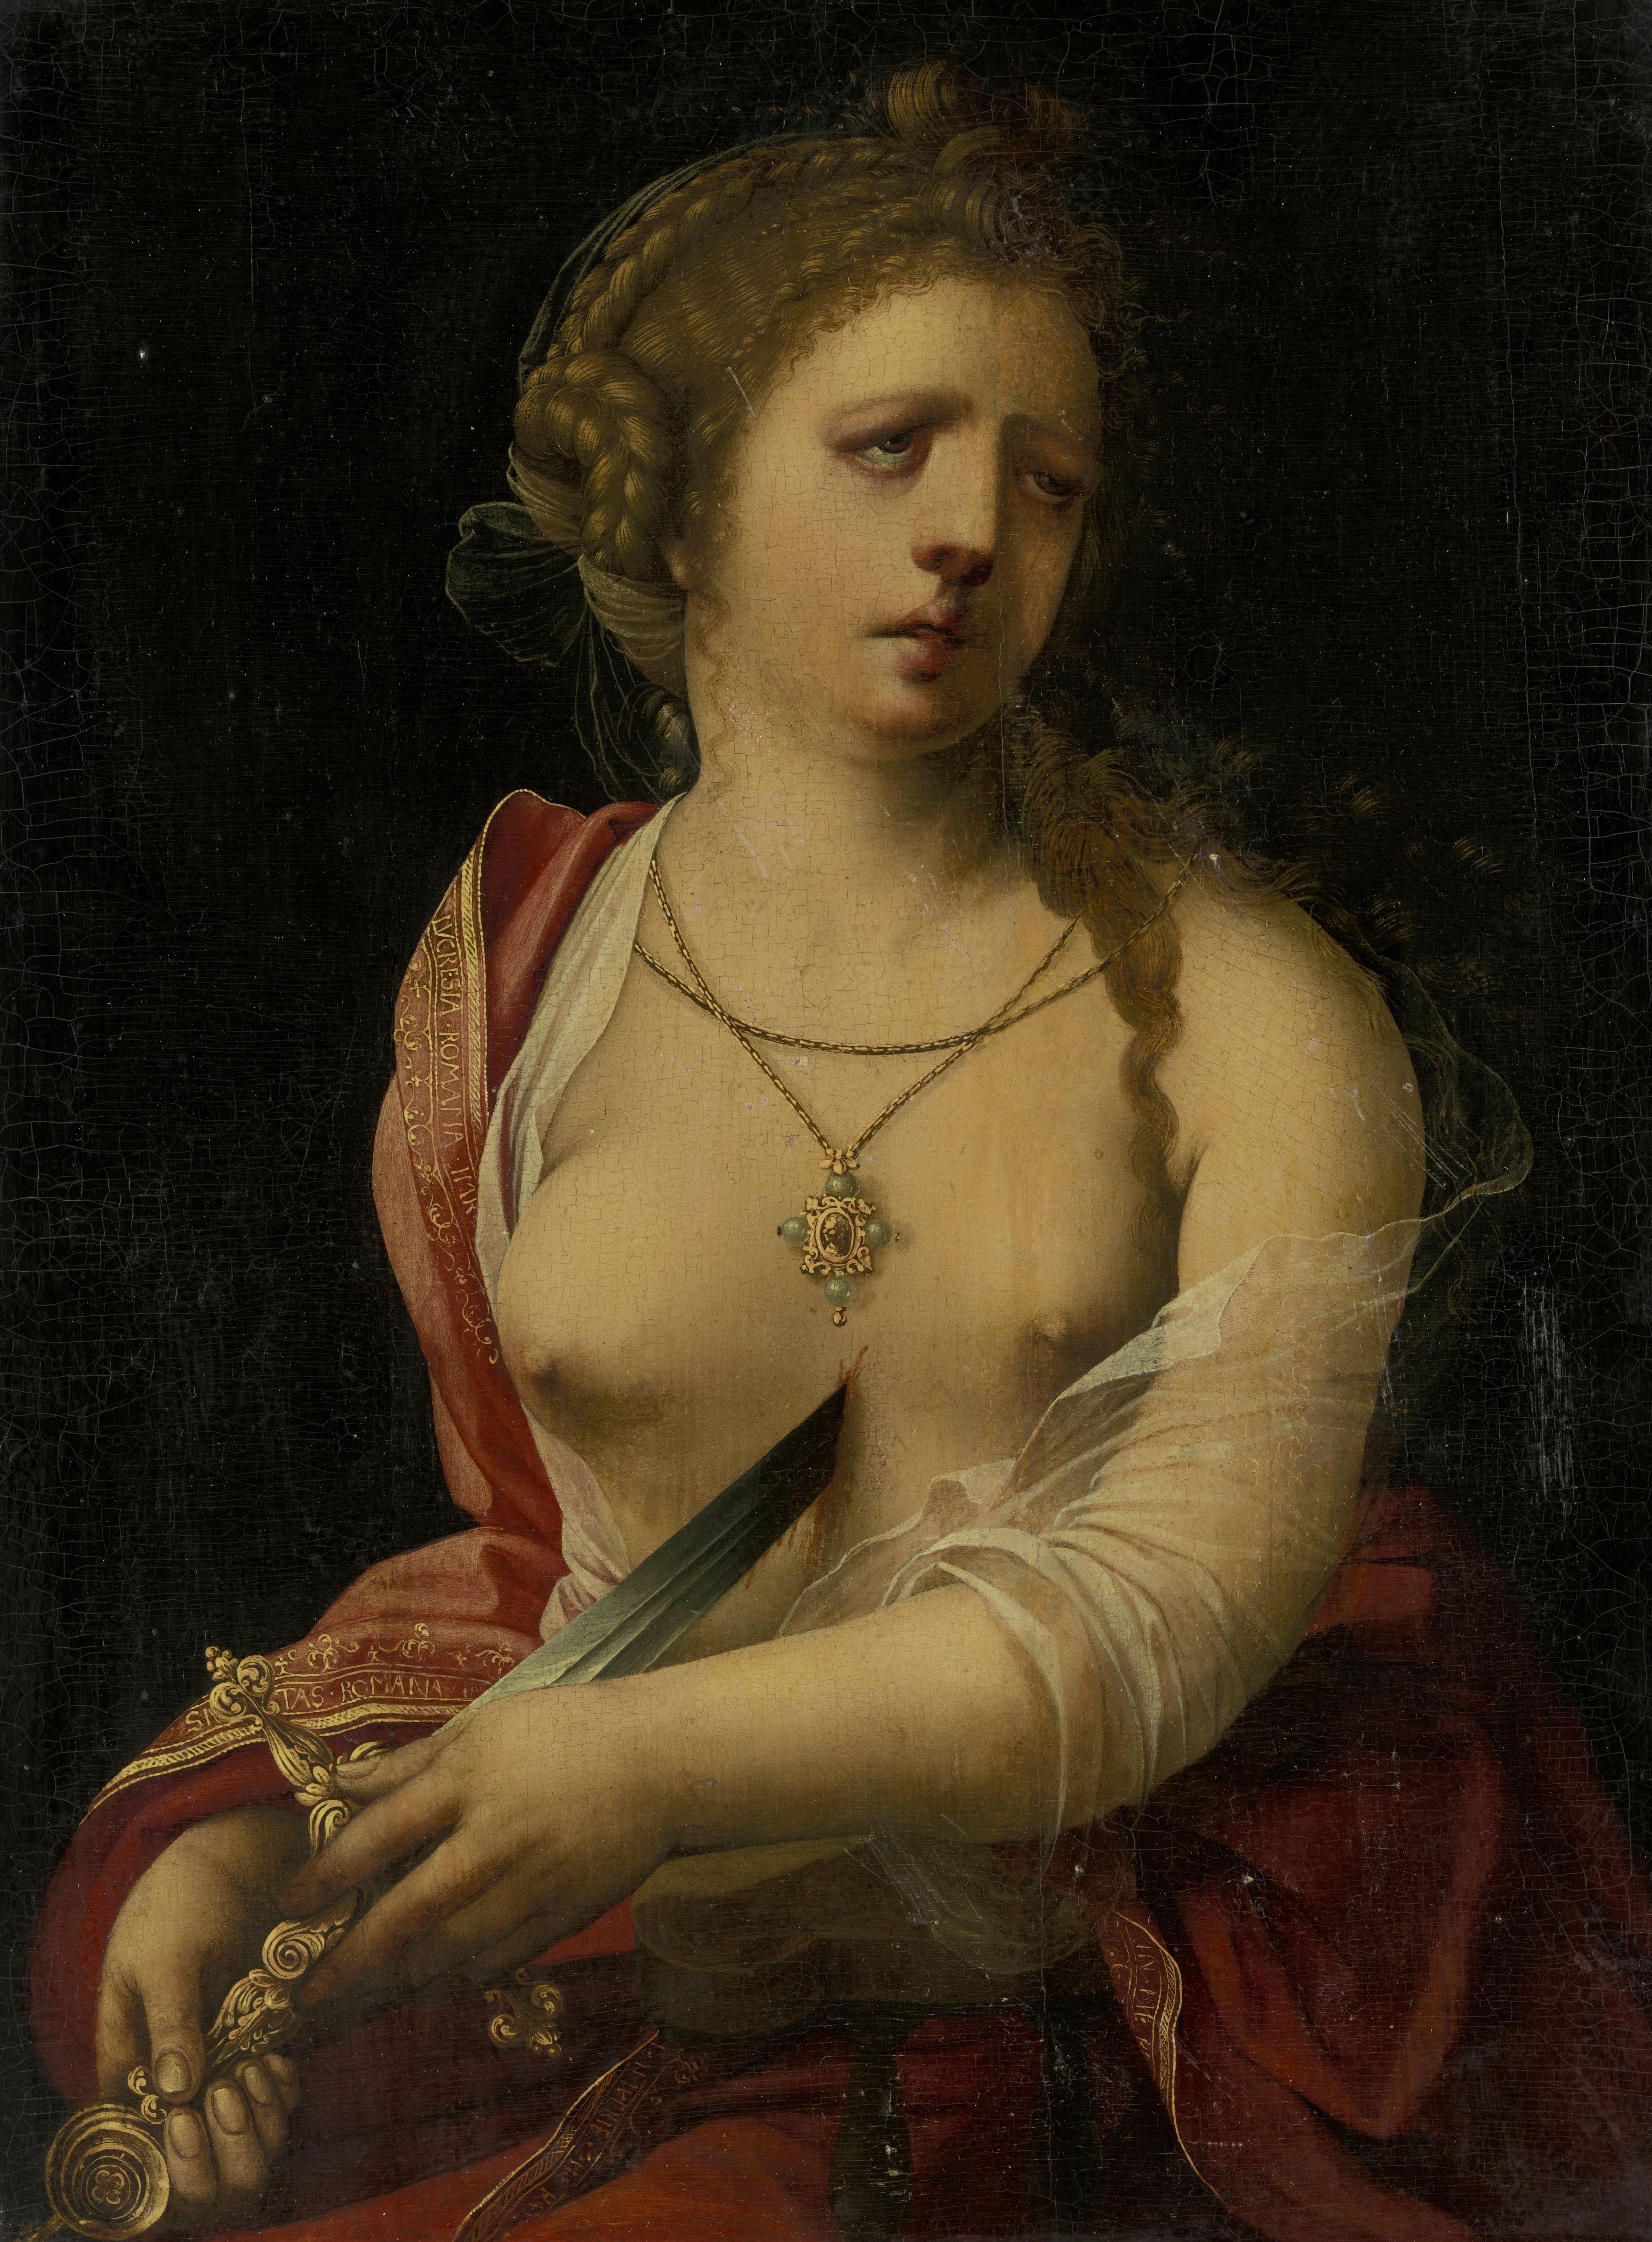 https://upload.wikimedia.org/wikipedia/commons/9/9c/De_zelfmoord_van_Lucretia_Rijksmuseum_SK-A-3225.jpeg